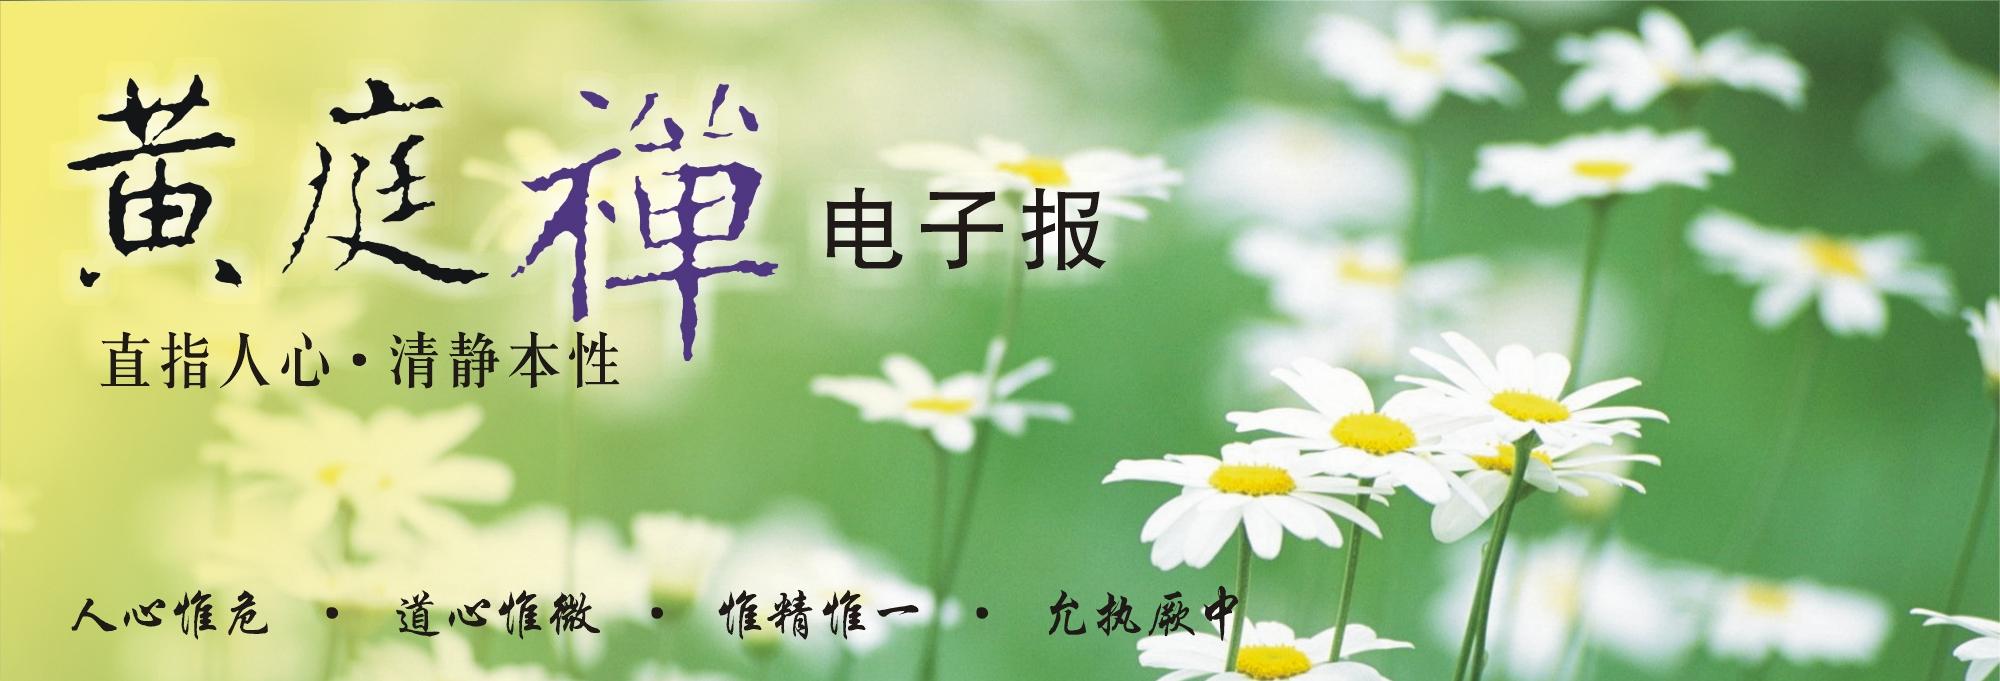 中华黄庭禅学会2014.08.01电子报